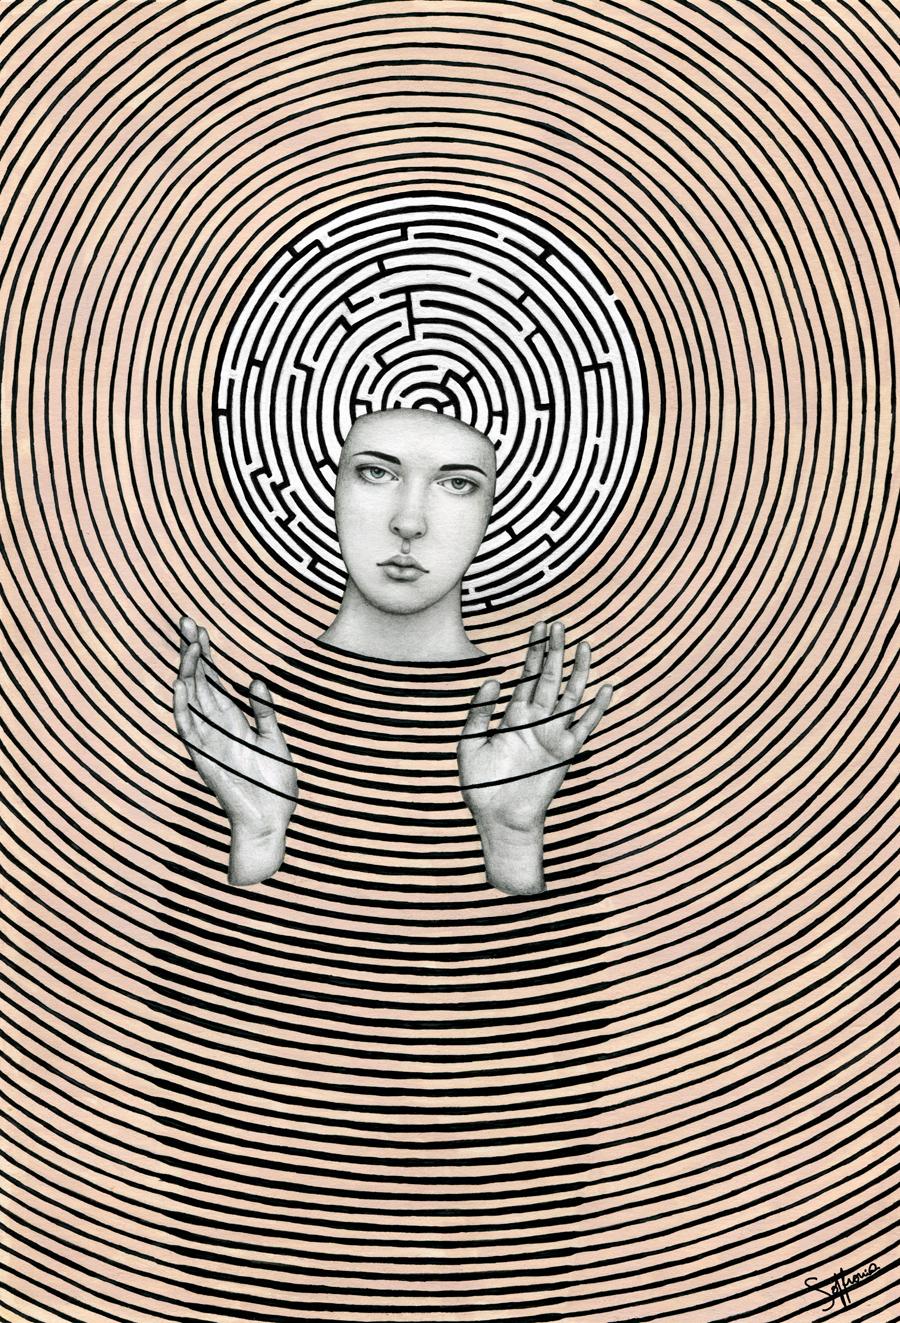 maze,labyrinth,lines,black,White,portrait